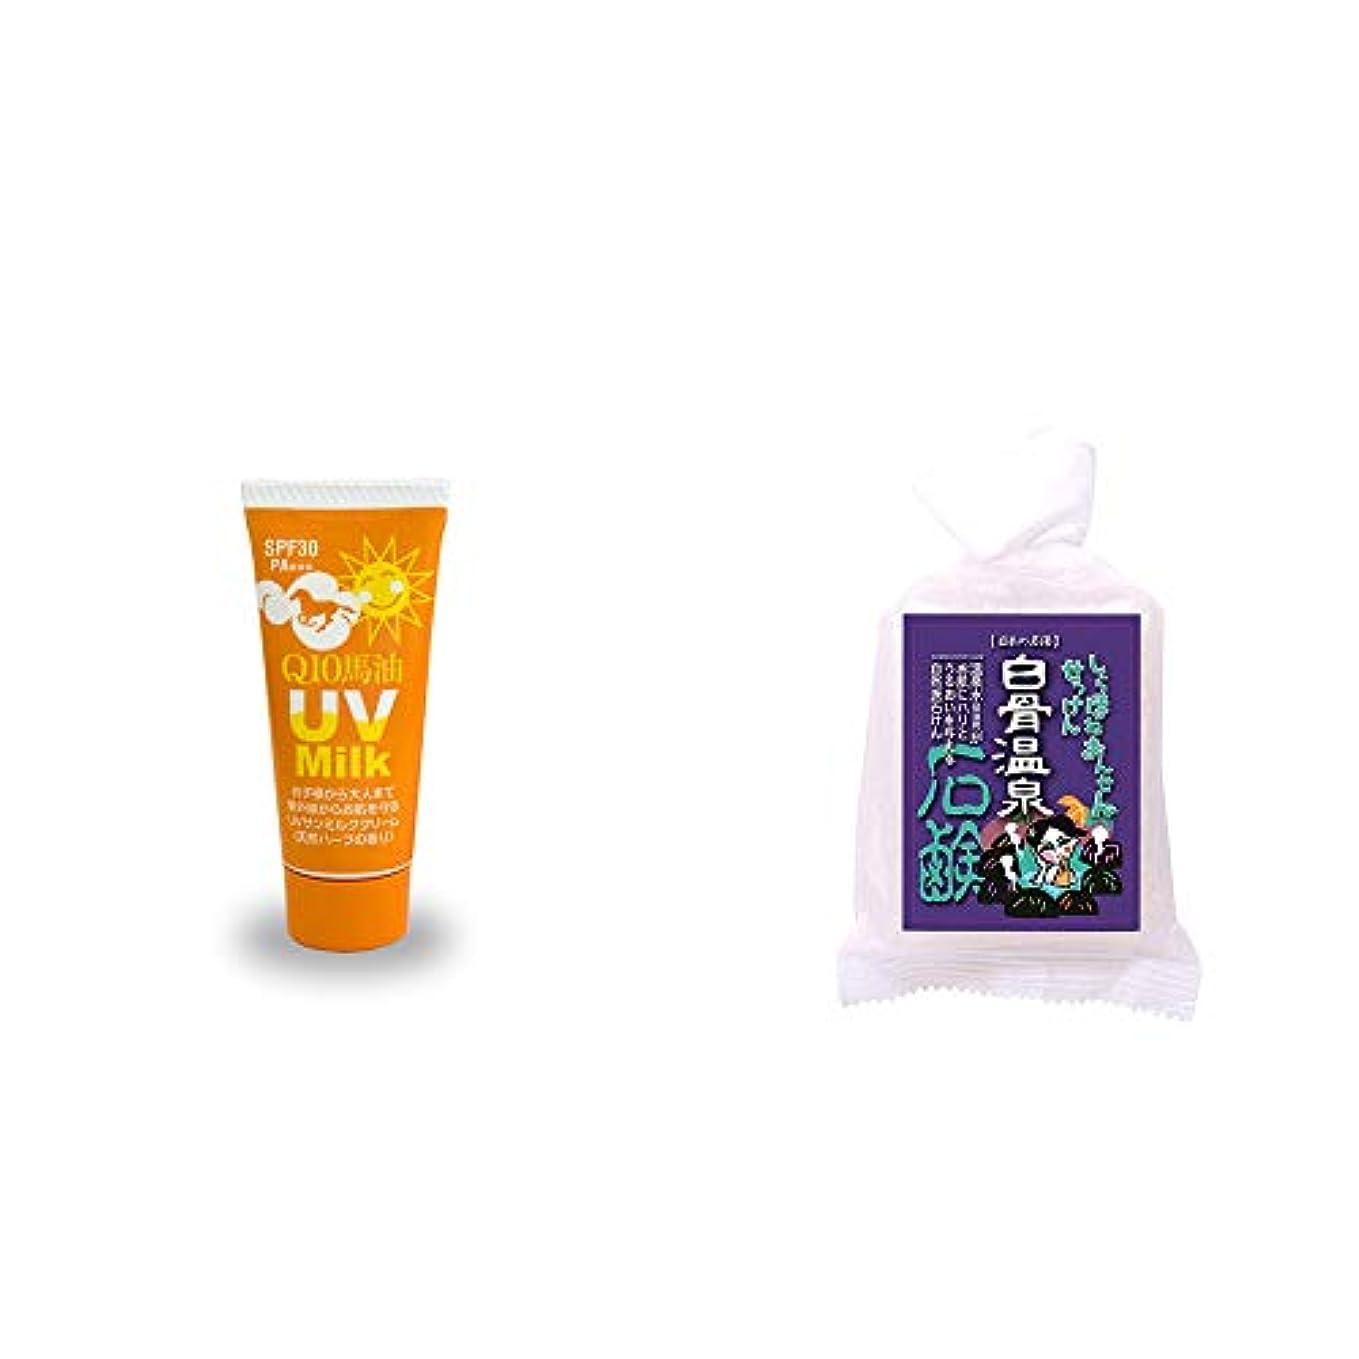 薬遵守する変える[2点セット] 炭黒泉 Q10馬油 UVサンミルク[天然ハーブ](40g)?信州 白骨温泉石鹸(80g)